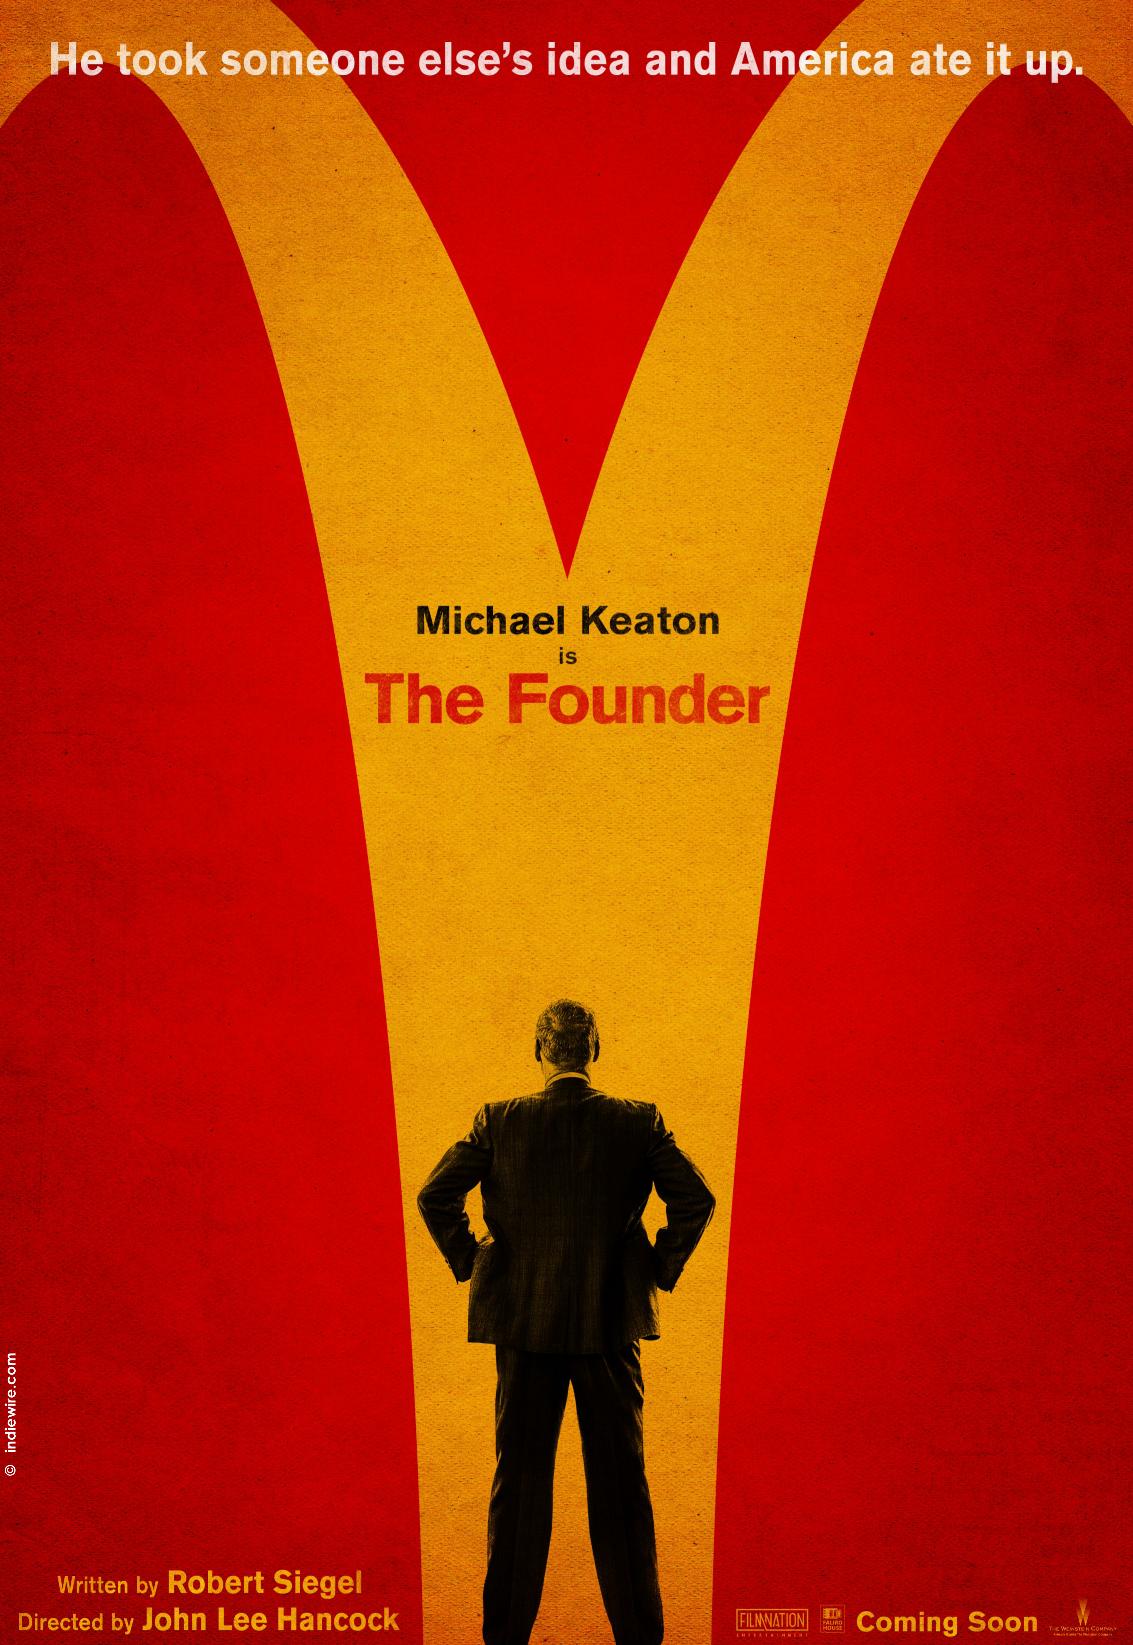 Review film: The Founder 📺  https://issuu.com/performance-rau/docs/nr-57_ian-feb_2017/36